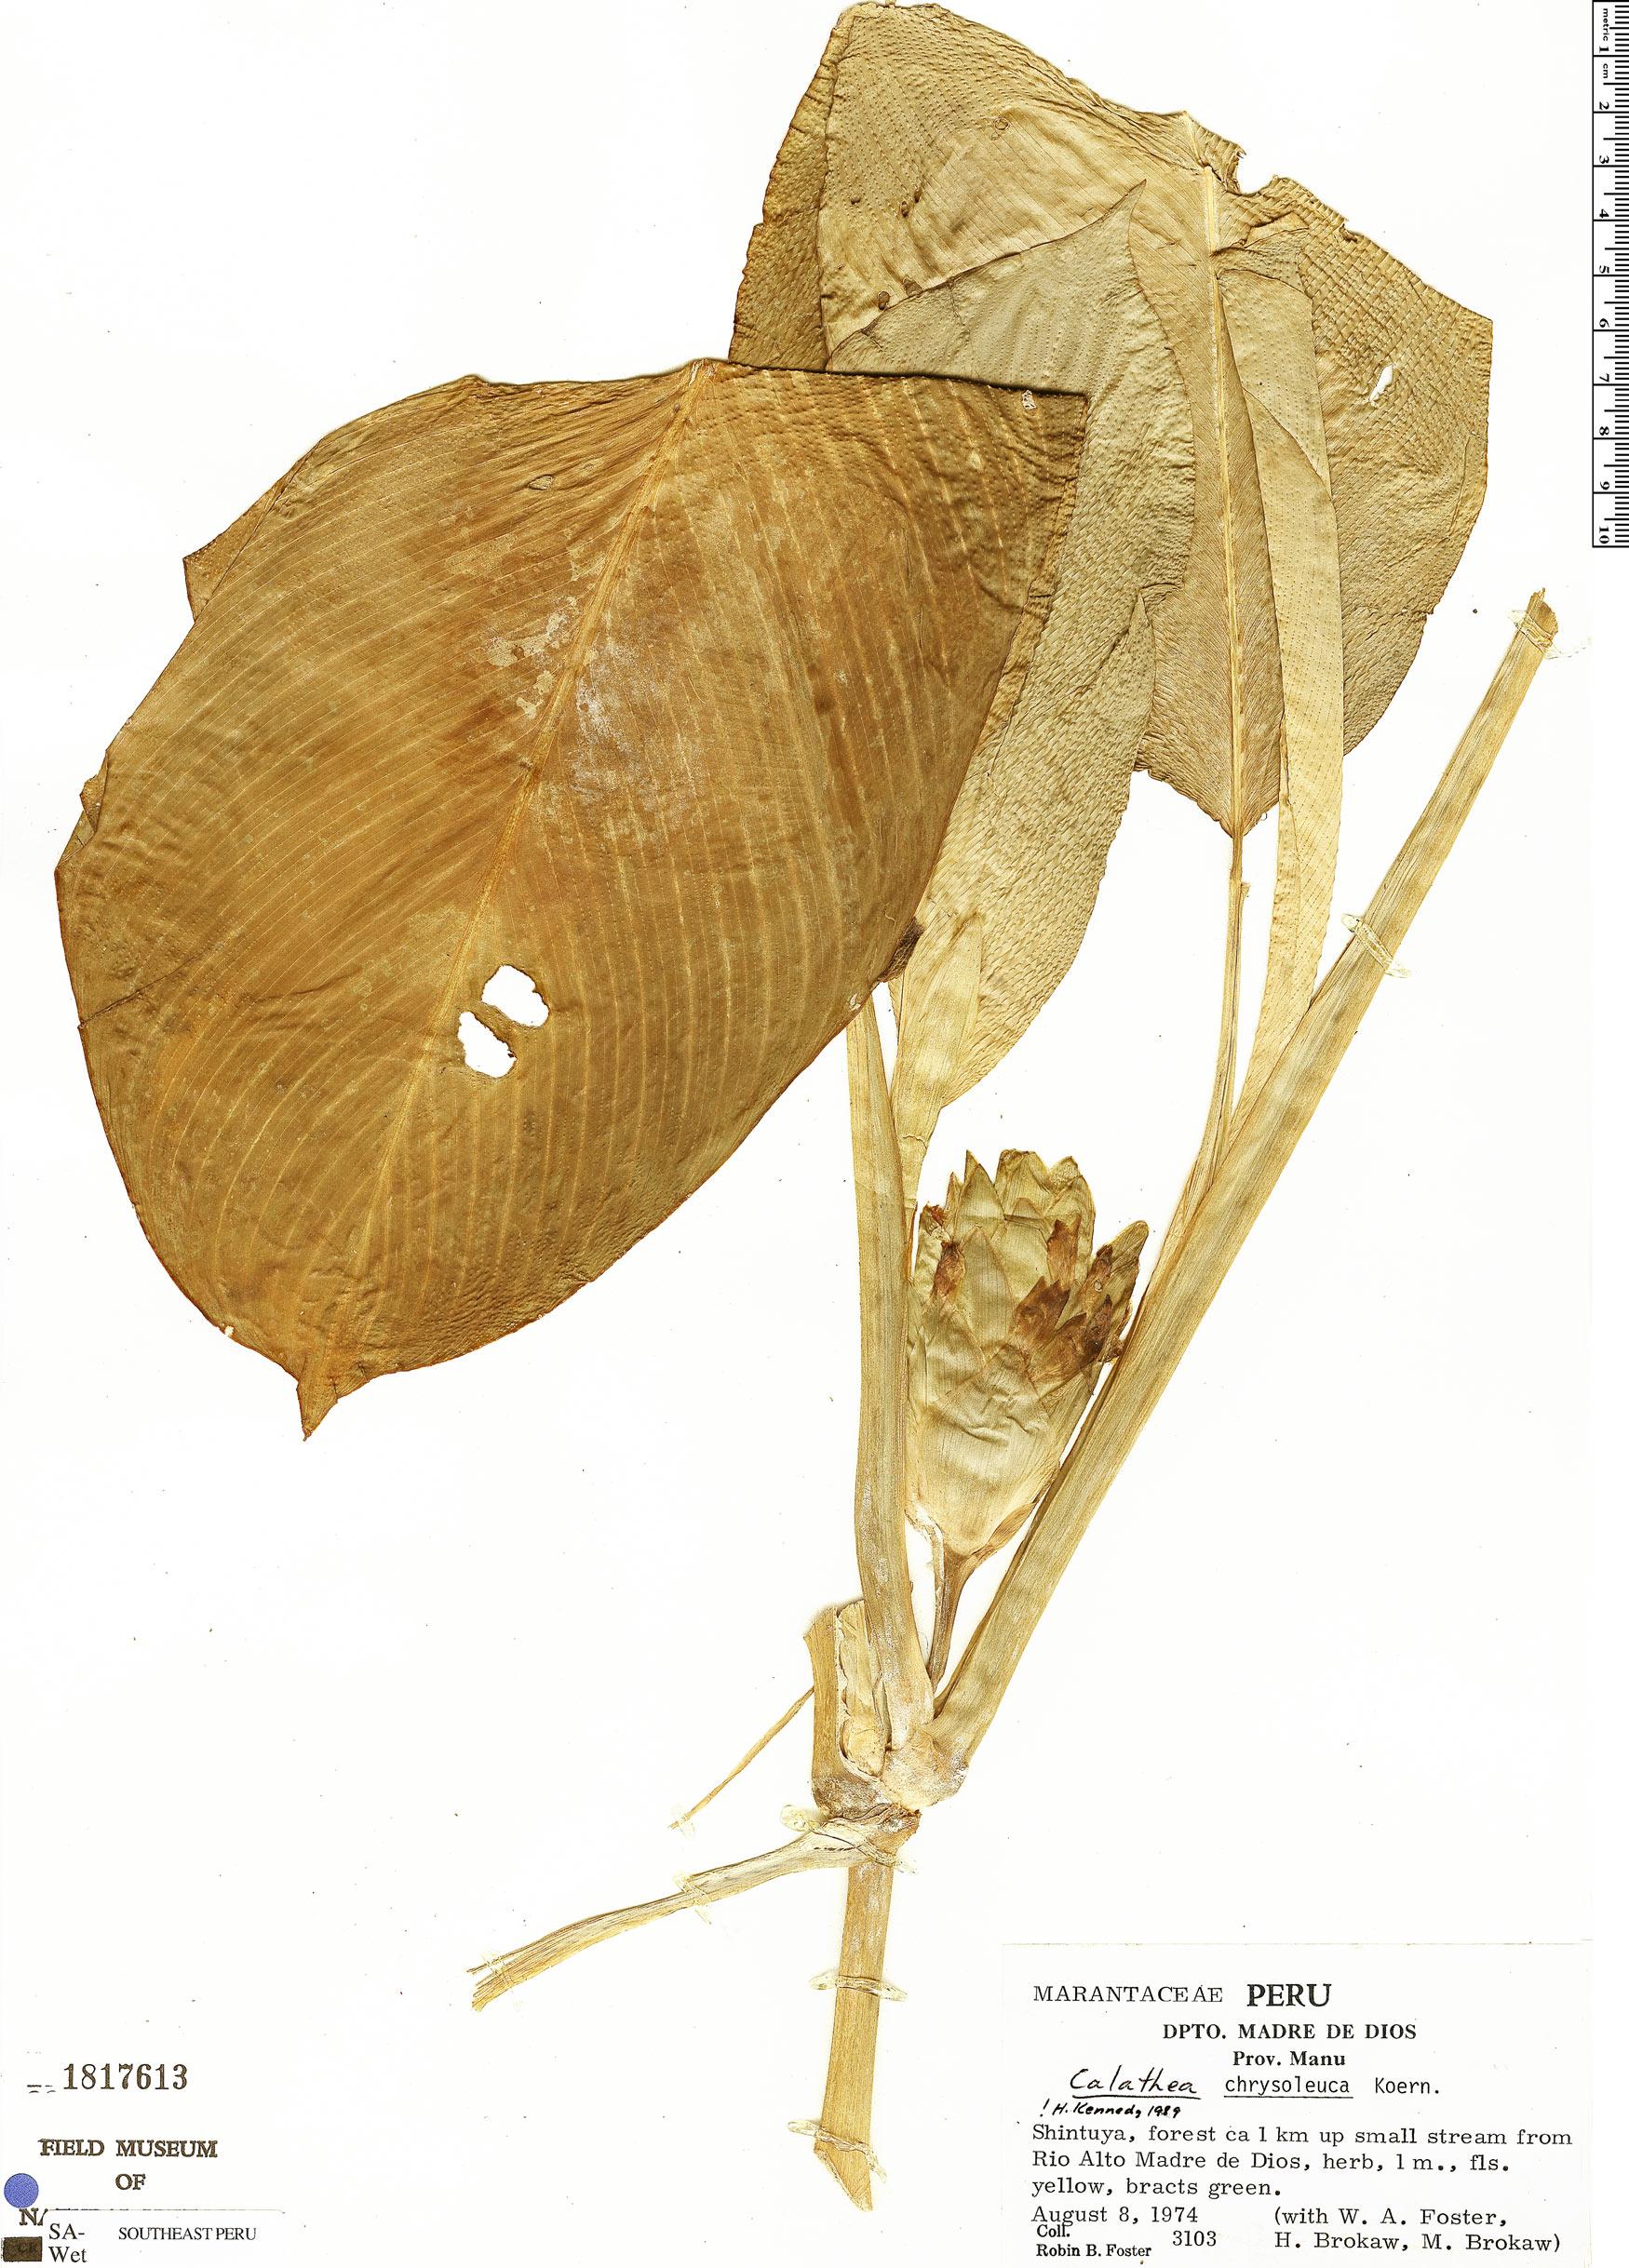 Specimen: Calathea chrysoleuca